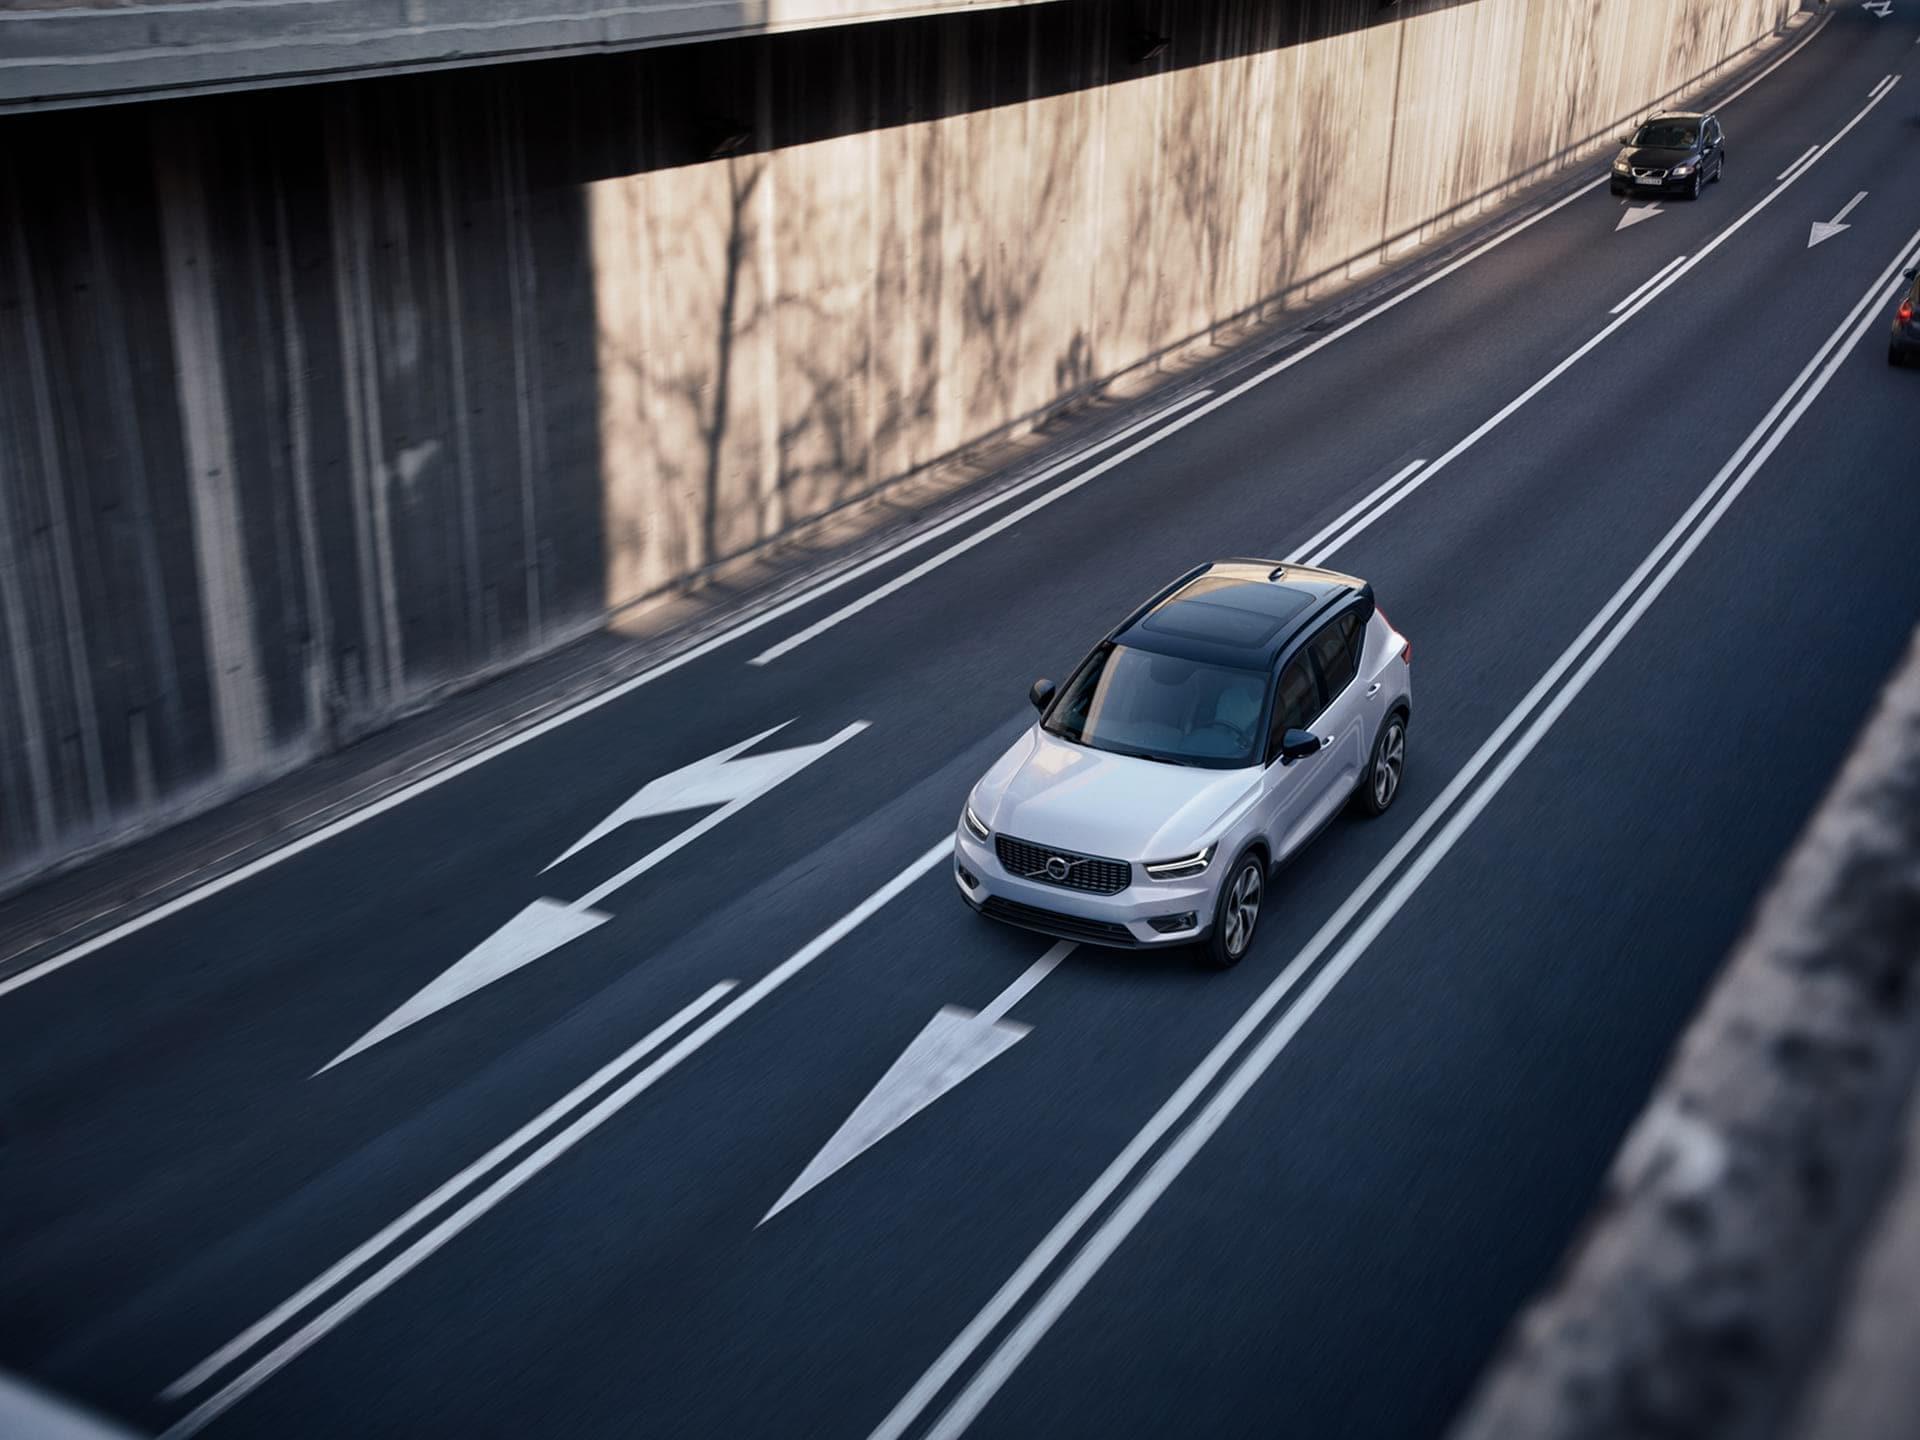 Bílé Volvo XC40 s technologiemi na podporu řidiče při jízdě po víceproudové silnici.